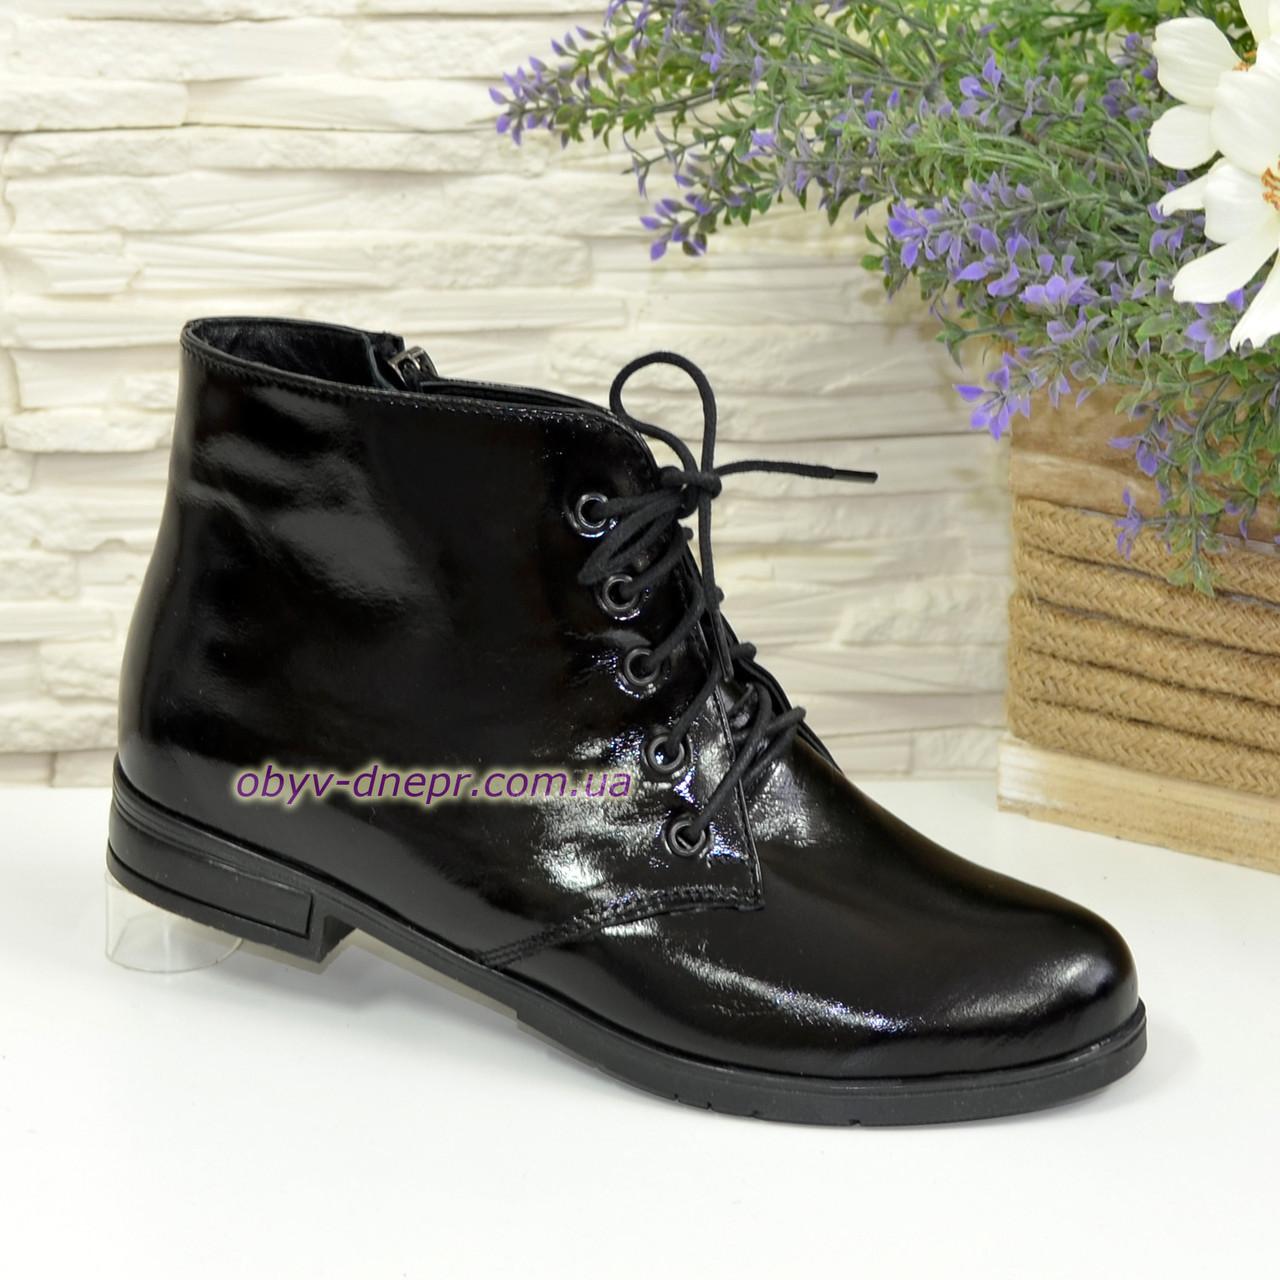 Зимние женские ботинки лаковые на шнуровке, фото 1